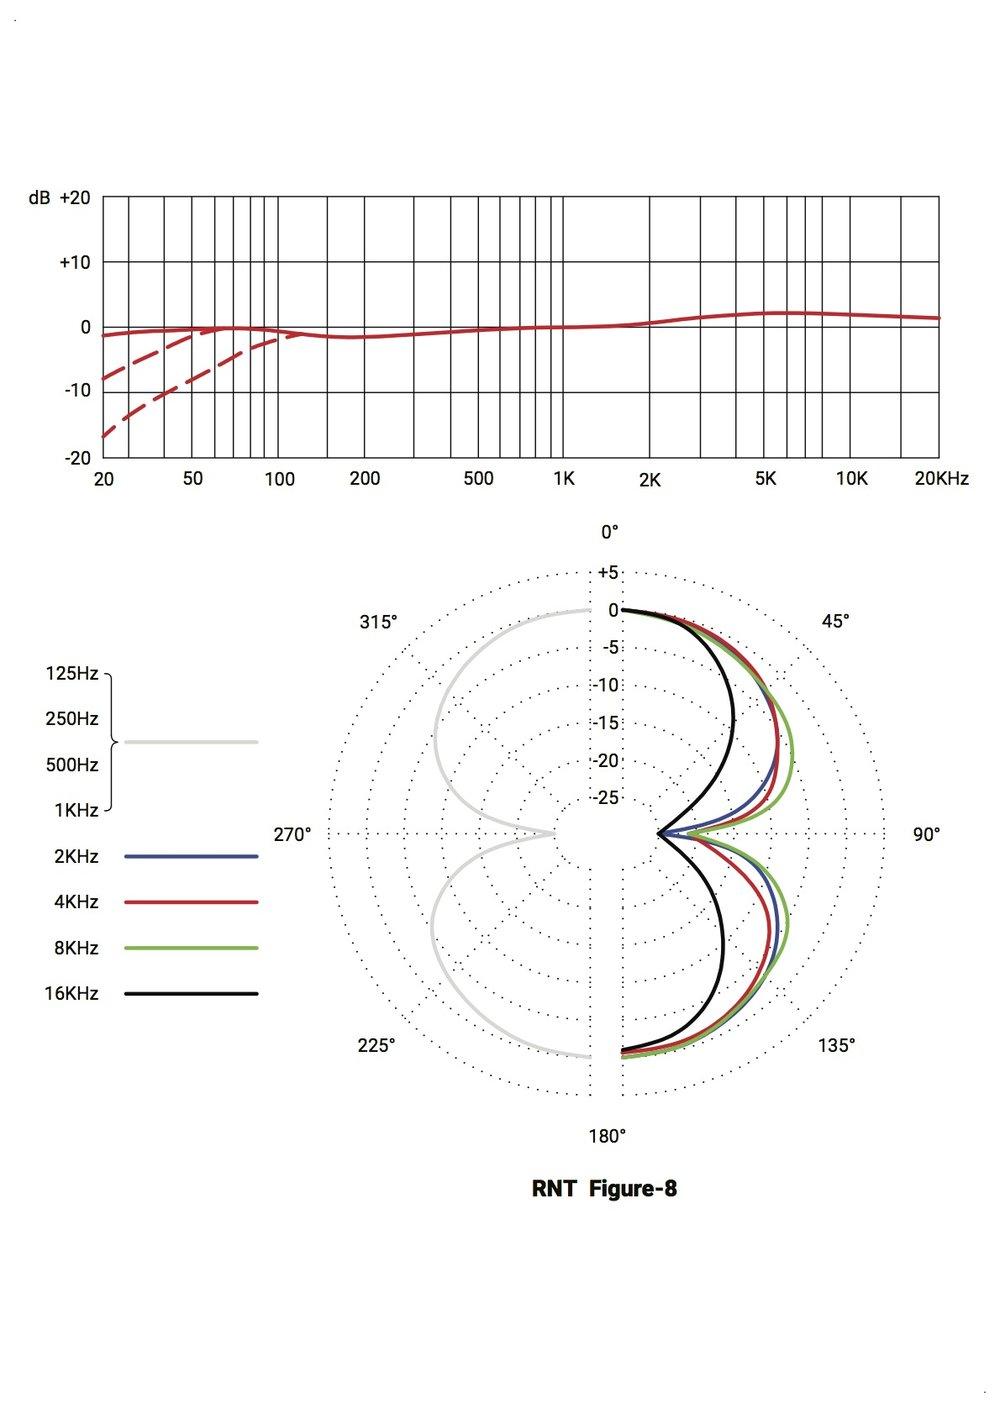 RNT Figure-8.jpg